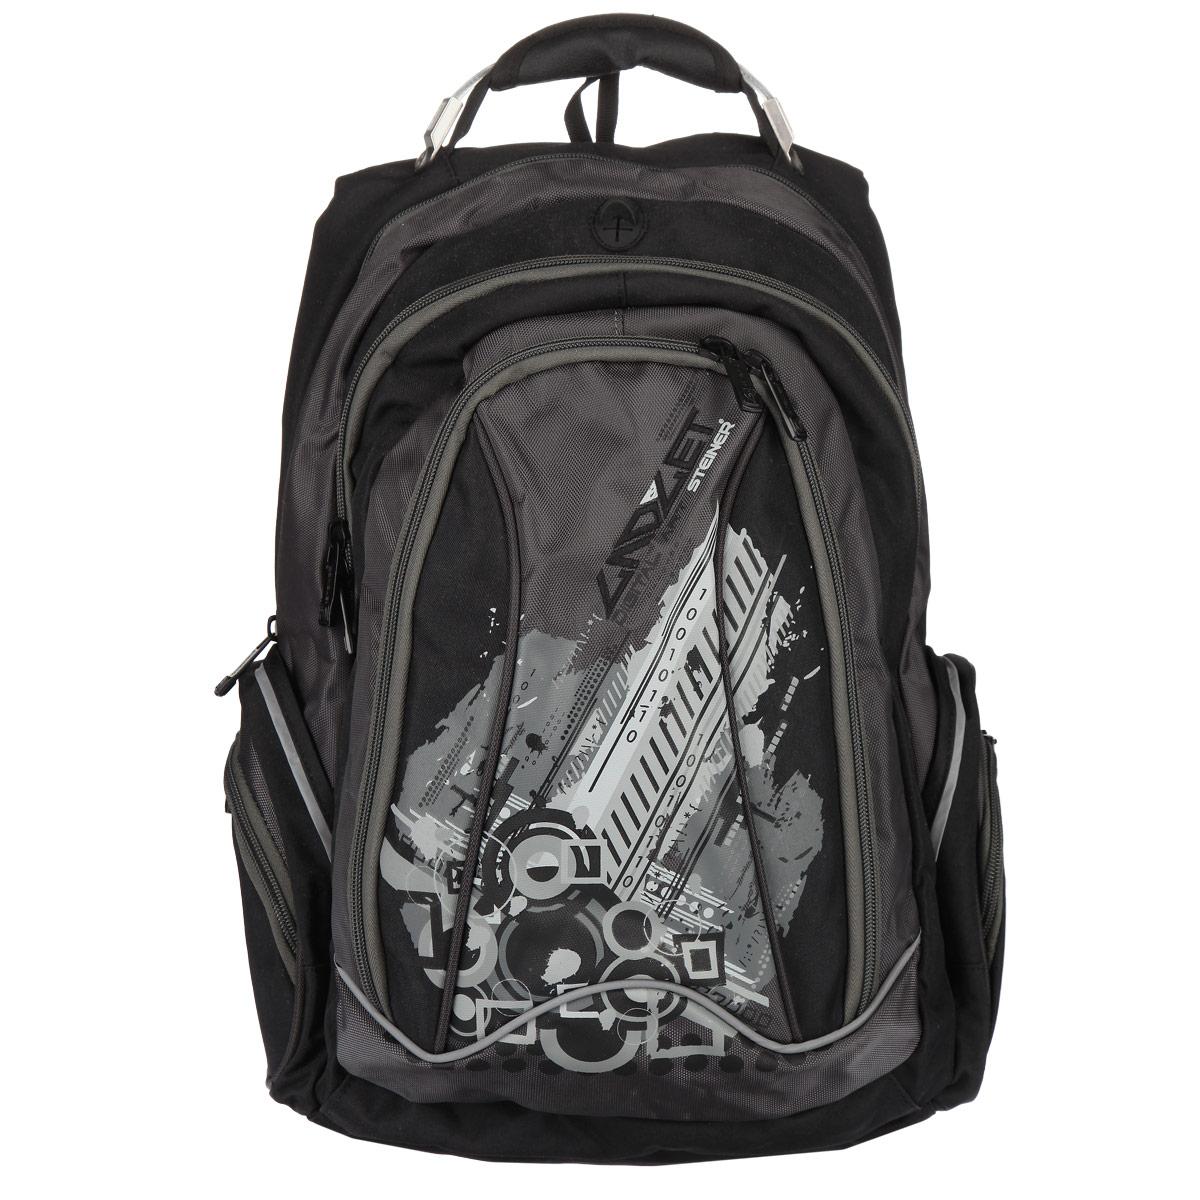 Рюкзак школьный Steiner, цвет: серый, черный. Steiner12-252-151Эргономичный школьный рюкзак с ортопедической спинкой Steiner выполнен из современного пористого материала, отличающегося легкостью, долговечностью и повышенной влагостойкостью. Изделие оформлено изображением принта и логотипа бренда на лицевой стороне. Рюкзак имеет два основных отделения, которые закрываются на молнии. Внутри главного отделения расположены: два накладных кармана-разделителя на липучках, накладной мягкий карман для планшета или ноутбука на резинке с липучкой. Внутри второго отделения размещен органайзер для письменных принадлежностей, состоящий из пяти накладных карманов, один из которых карман-сетка на молнии.. По бокам рюкзака размещены четыре дополнительных накладных кармана, два из которых застегиваются на молнии. В спинку рюкзака встроены два накладных кармана на молниях, внутри верхнего кармана находится кармашек для телефона на липучке. Рельеф спинки рюкзака разработан с учетом особенности детского позвоночника. Рюкзак оснащен эргономичной ручкой...